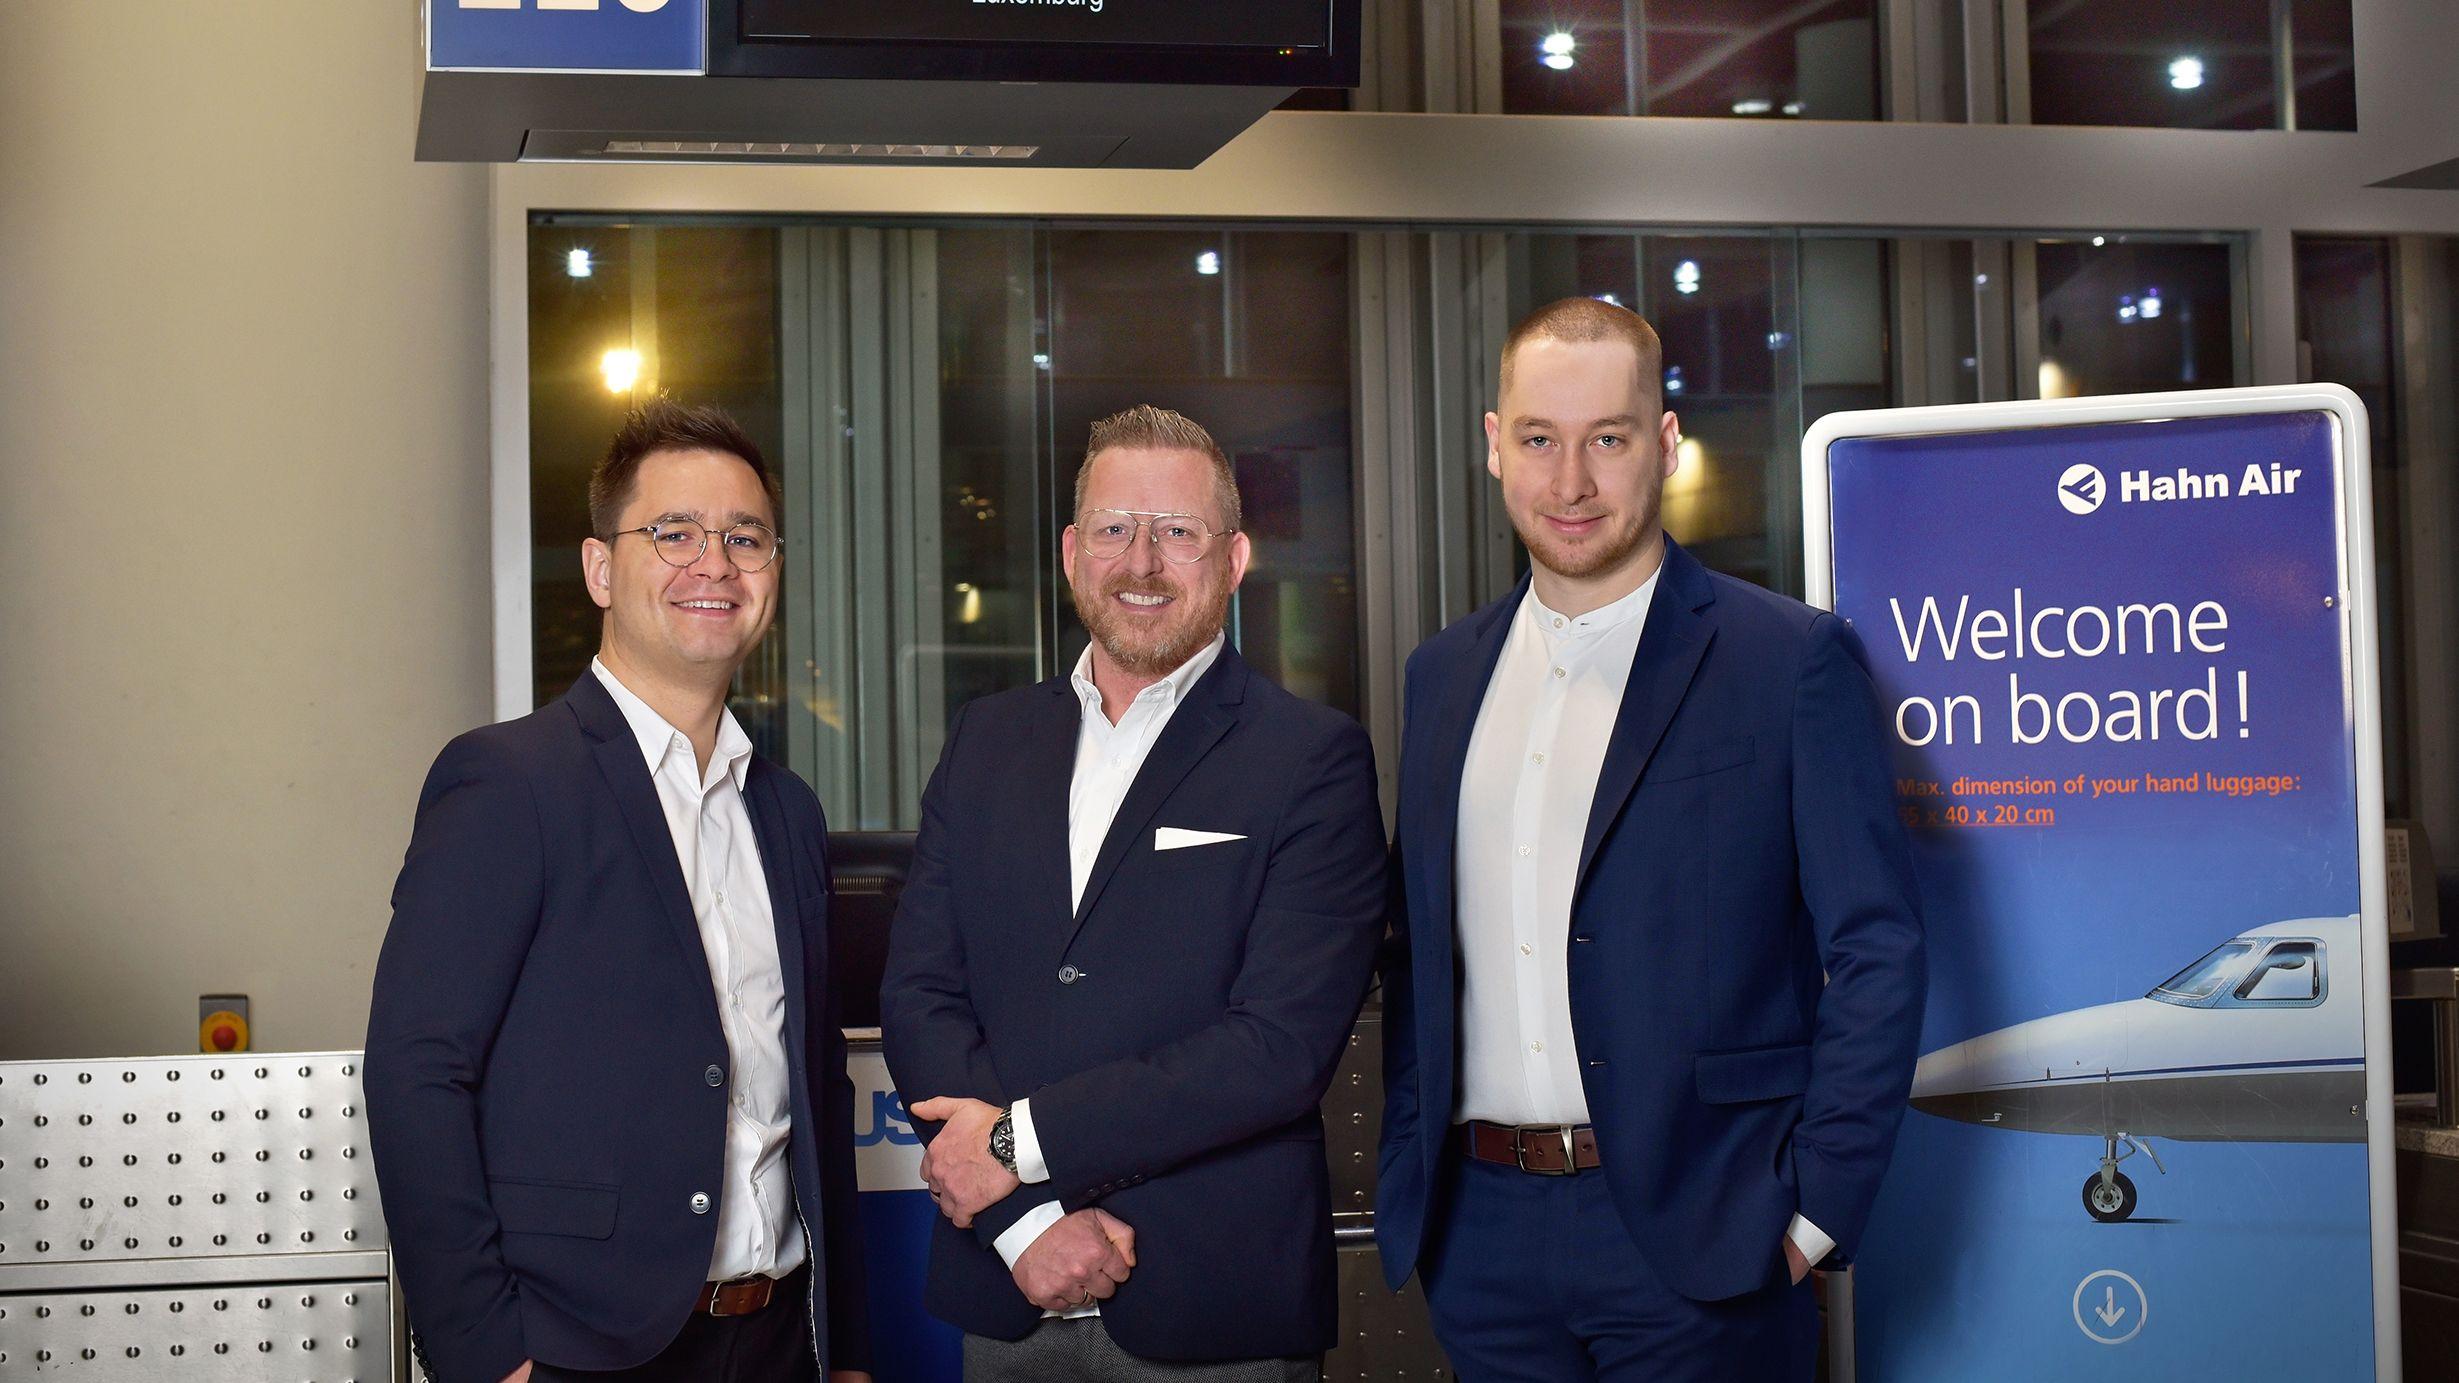 Flugvertrieb: Hahn Air hebt erstmals mit Blockchain-Technologie ab - fvw Blog - Touristik für Fortgeschrittene